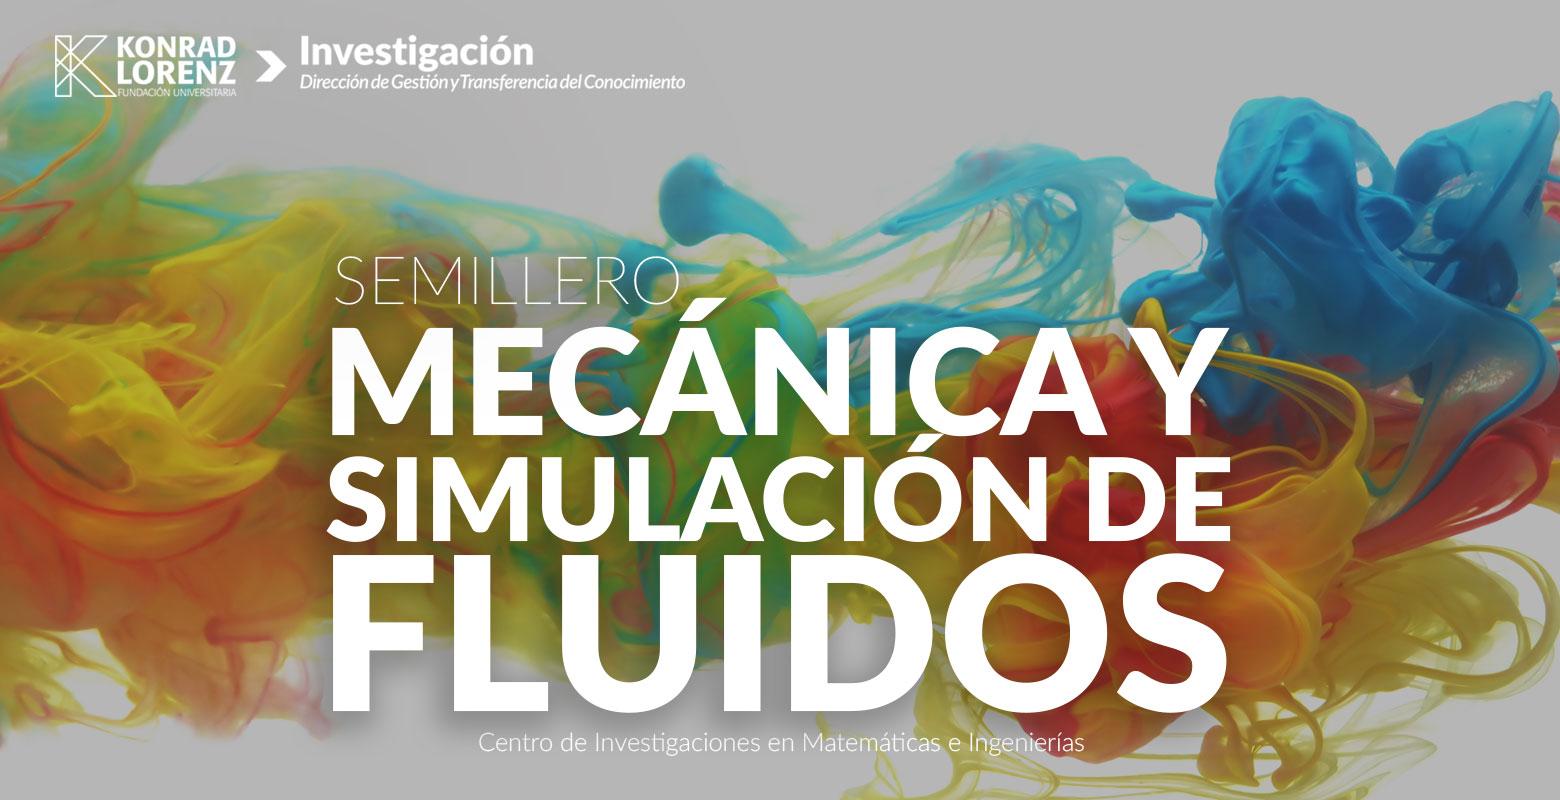 Semillero de Mecánica y Simulación de Fluidos